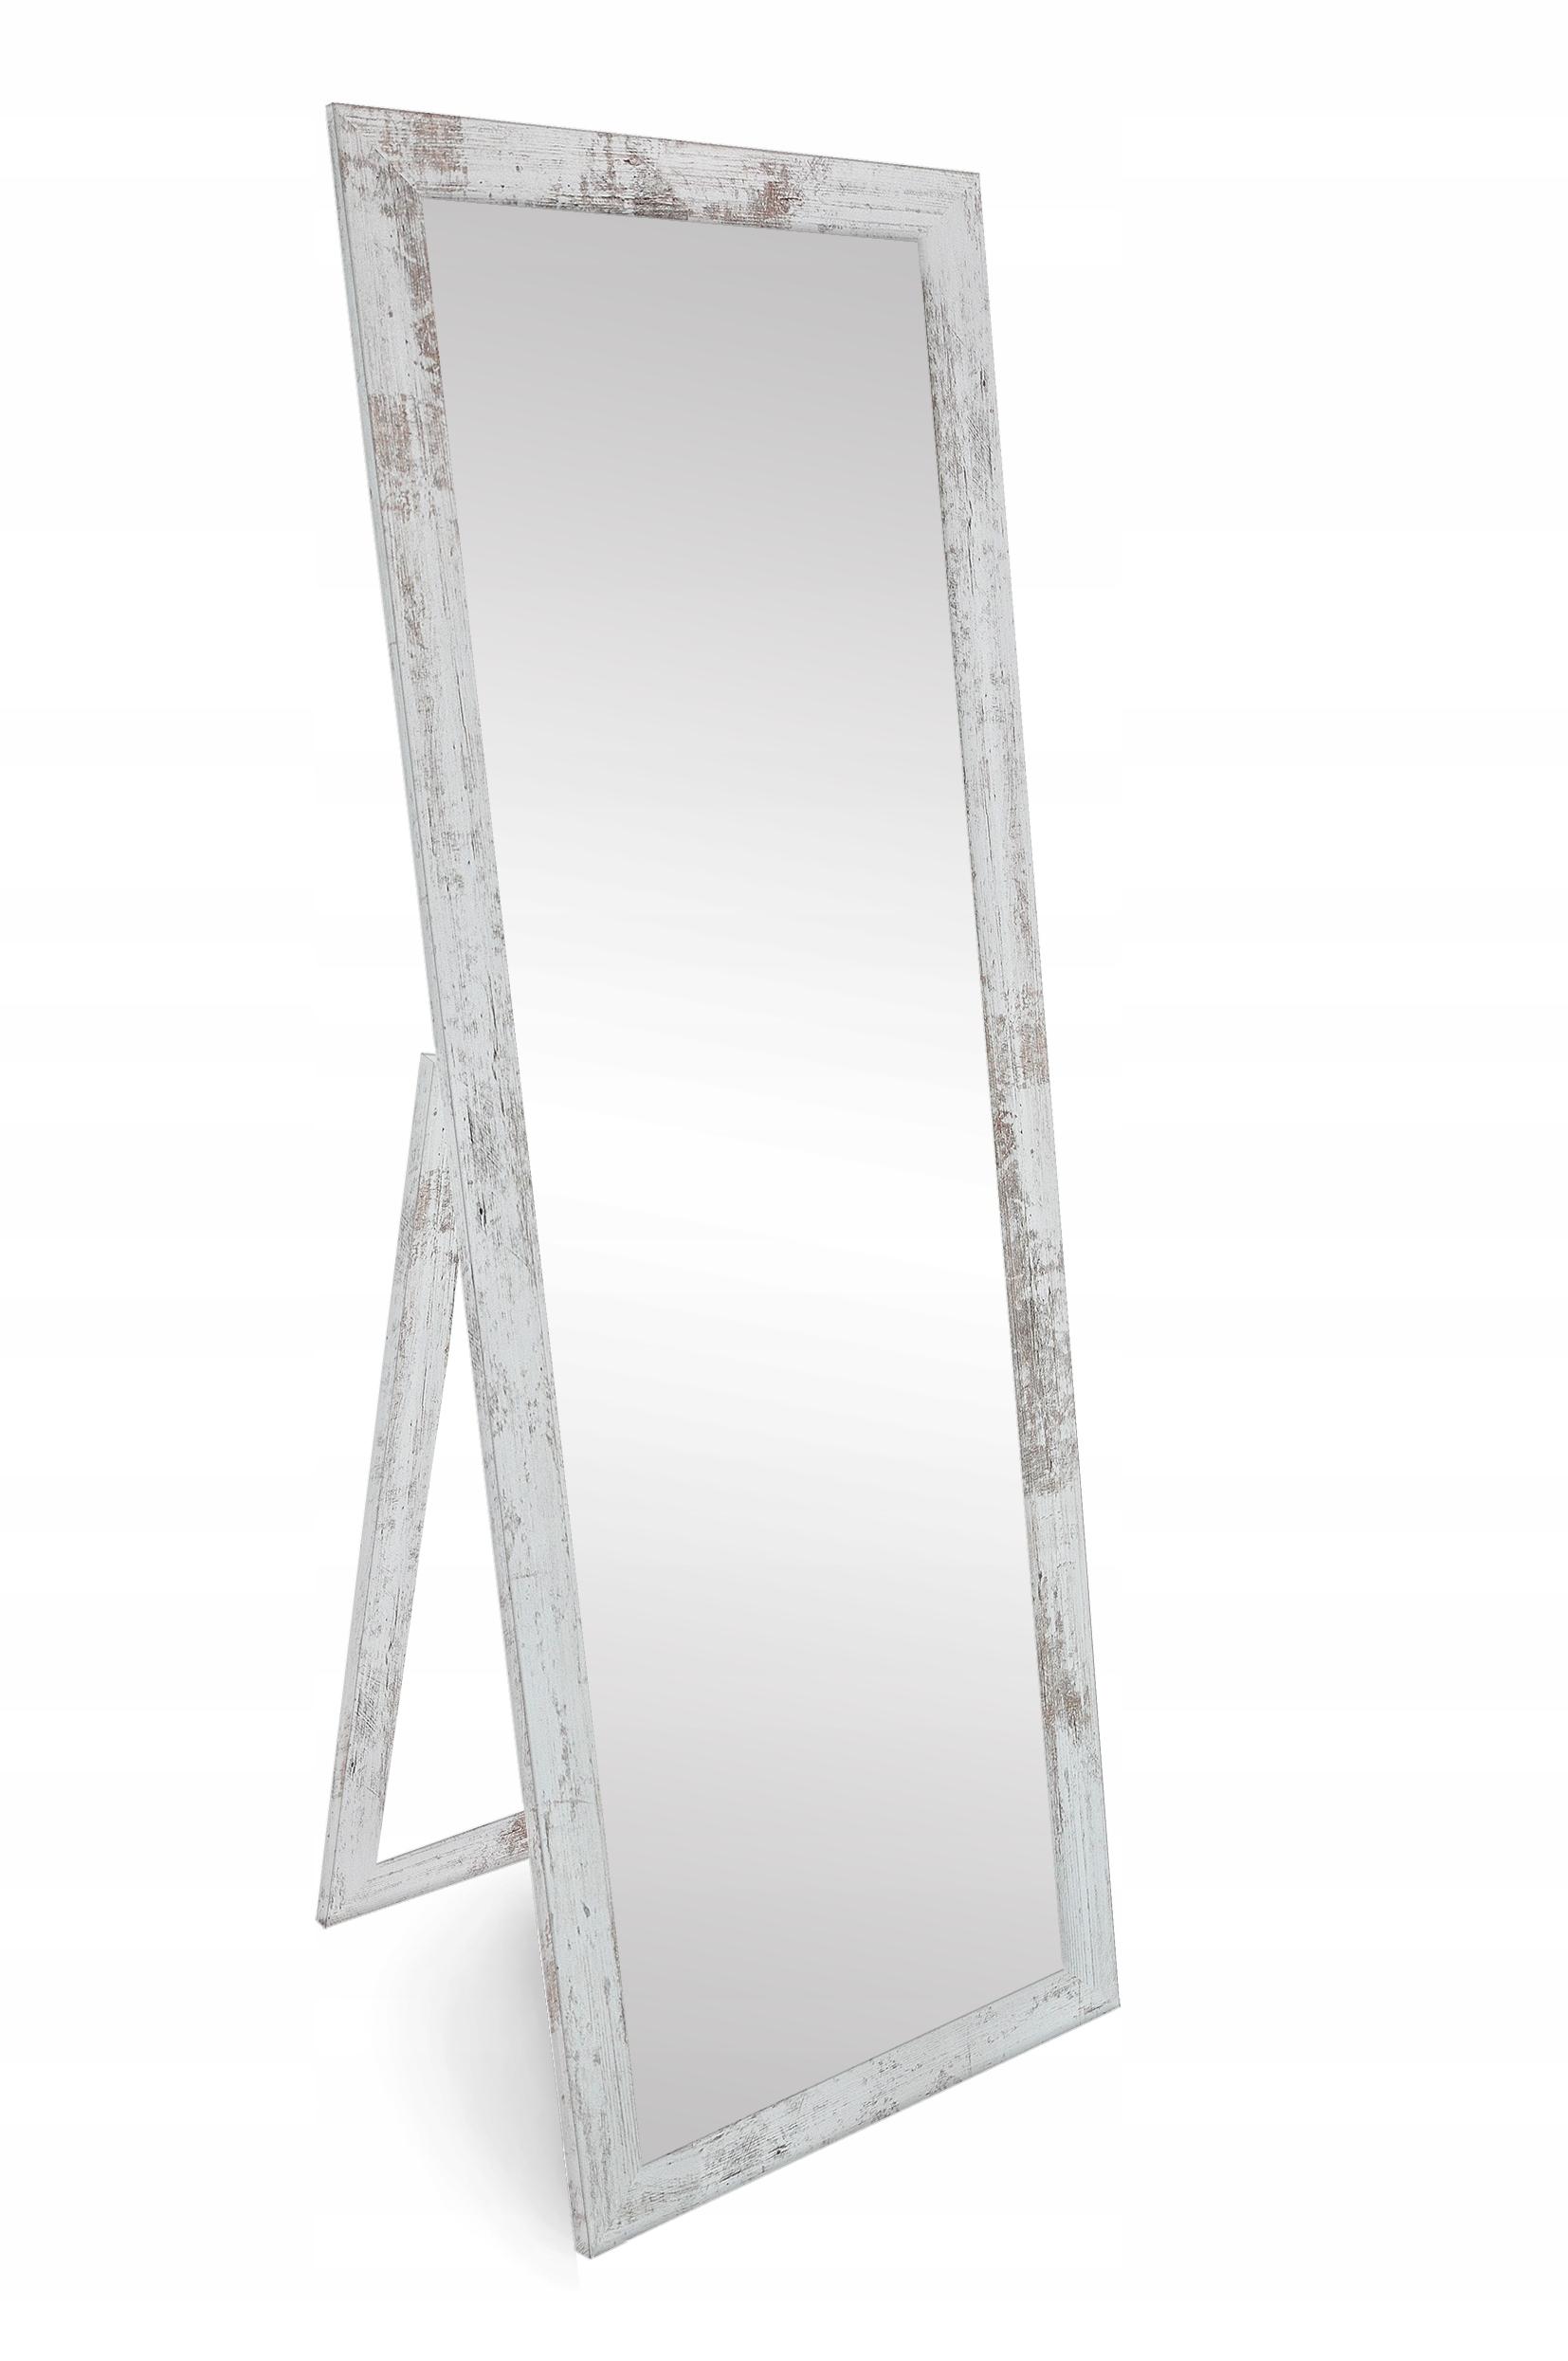 Stojace zrkadlo ošumelé elegantné 160x50 cm Škandinávskych